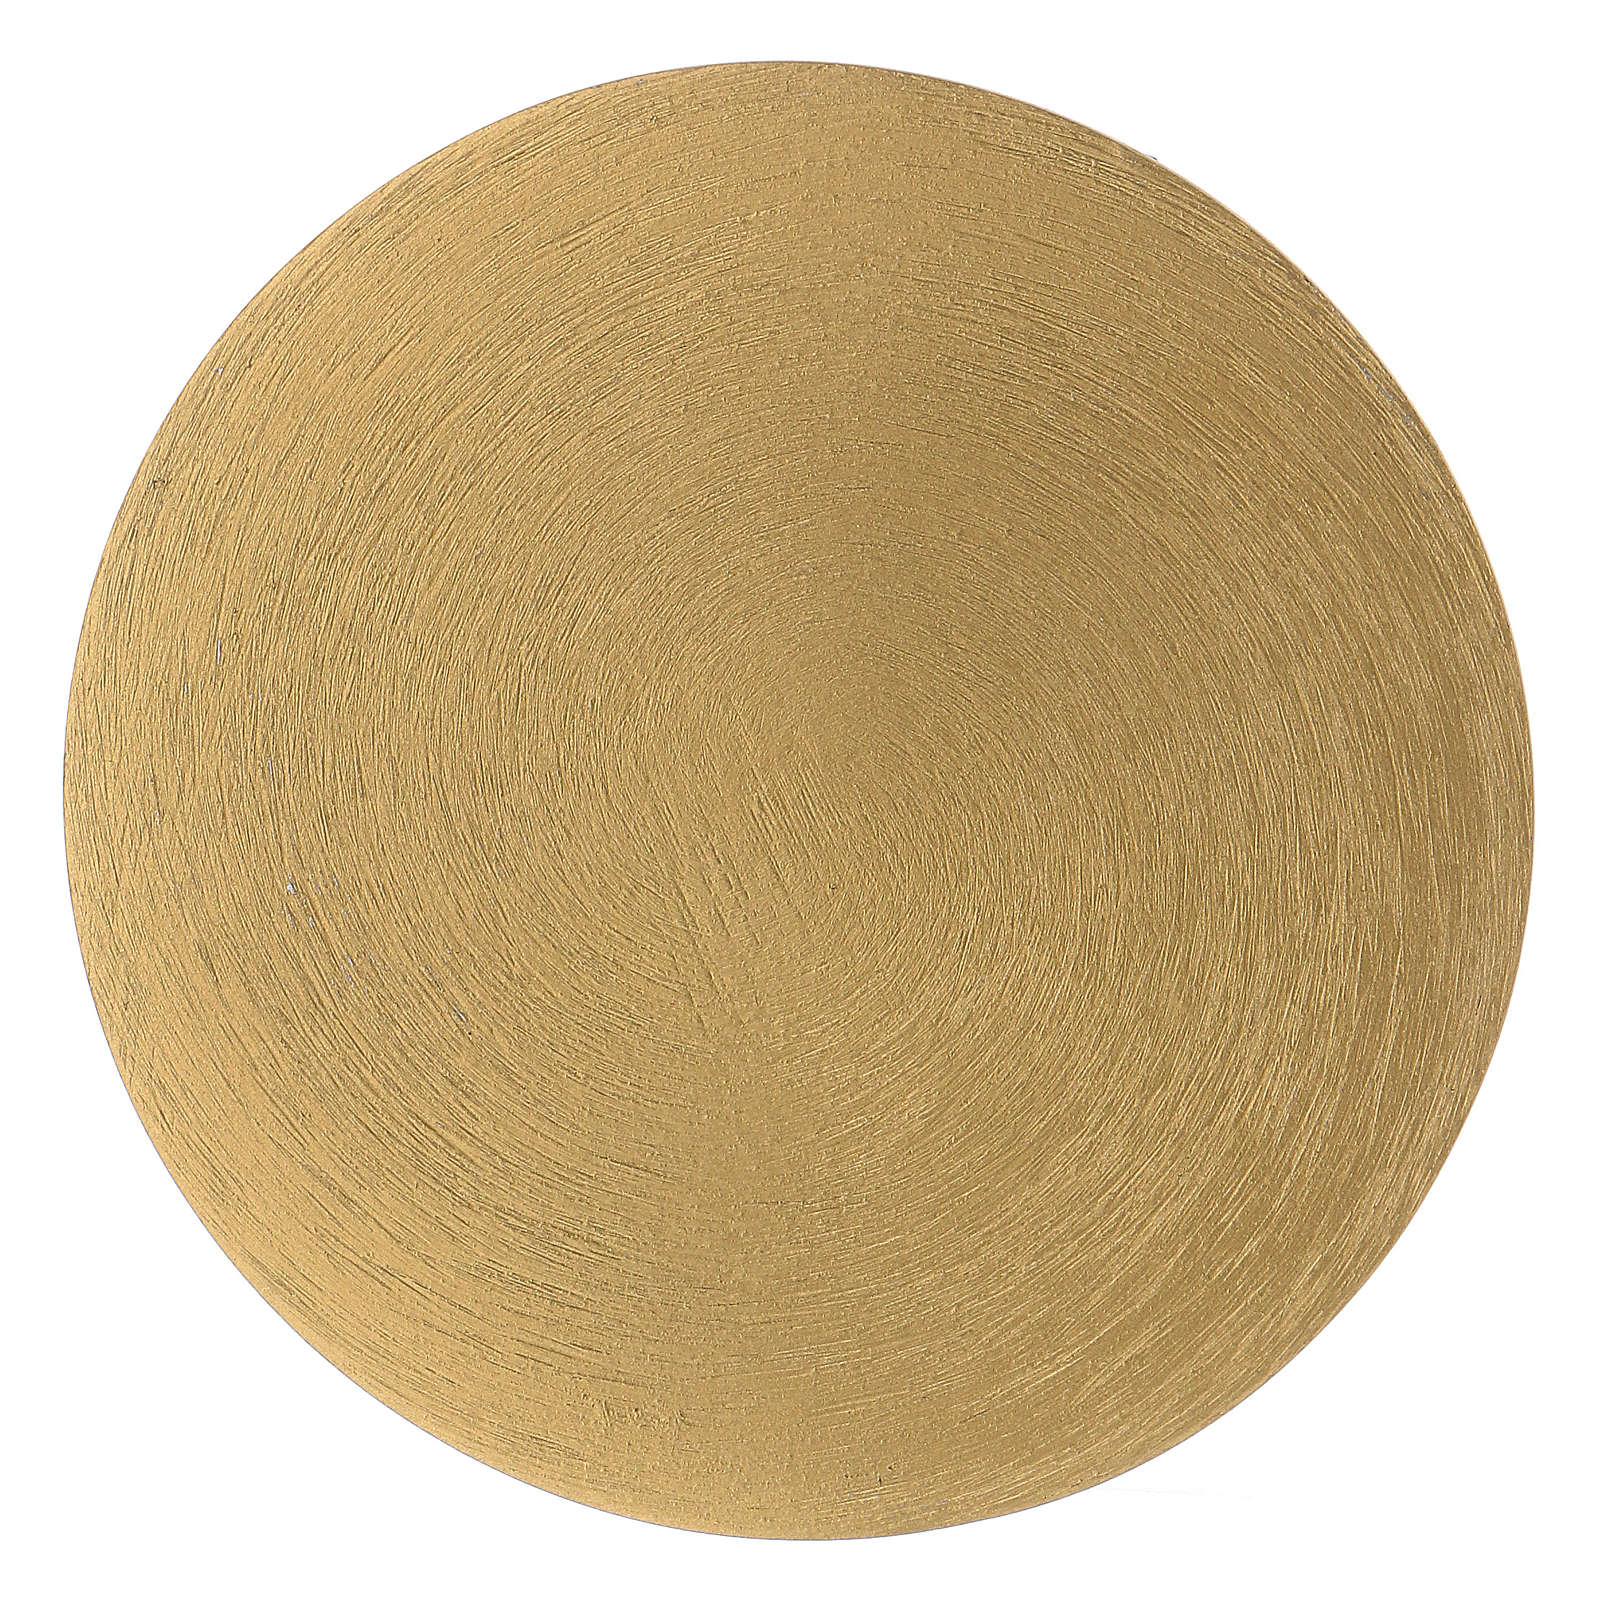 Assiette porte-bougie rond en laiton doré 10 cm 3